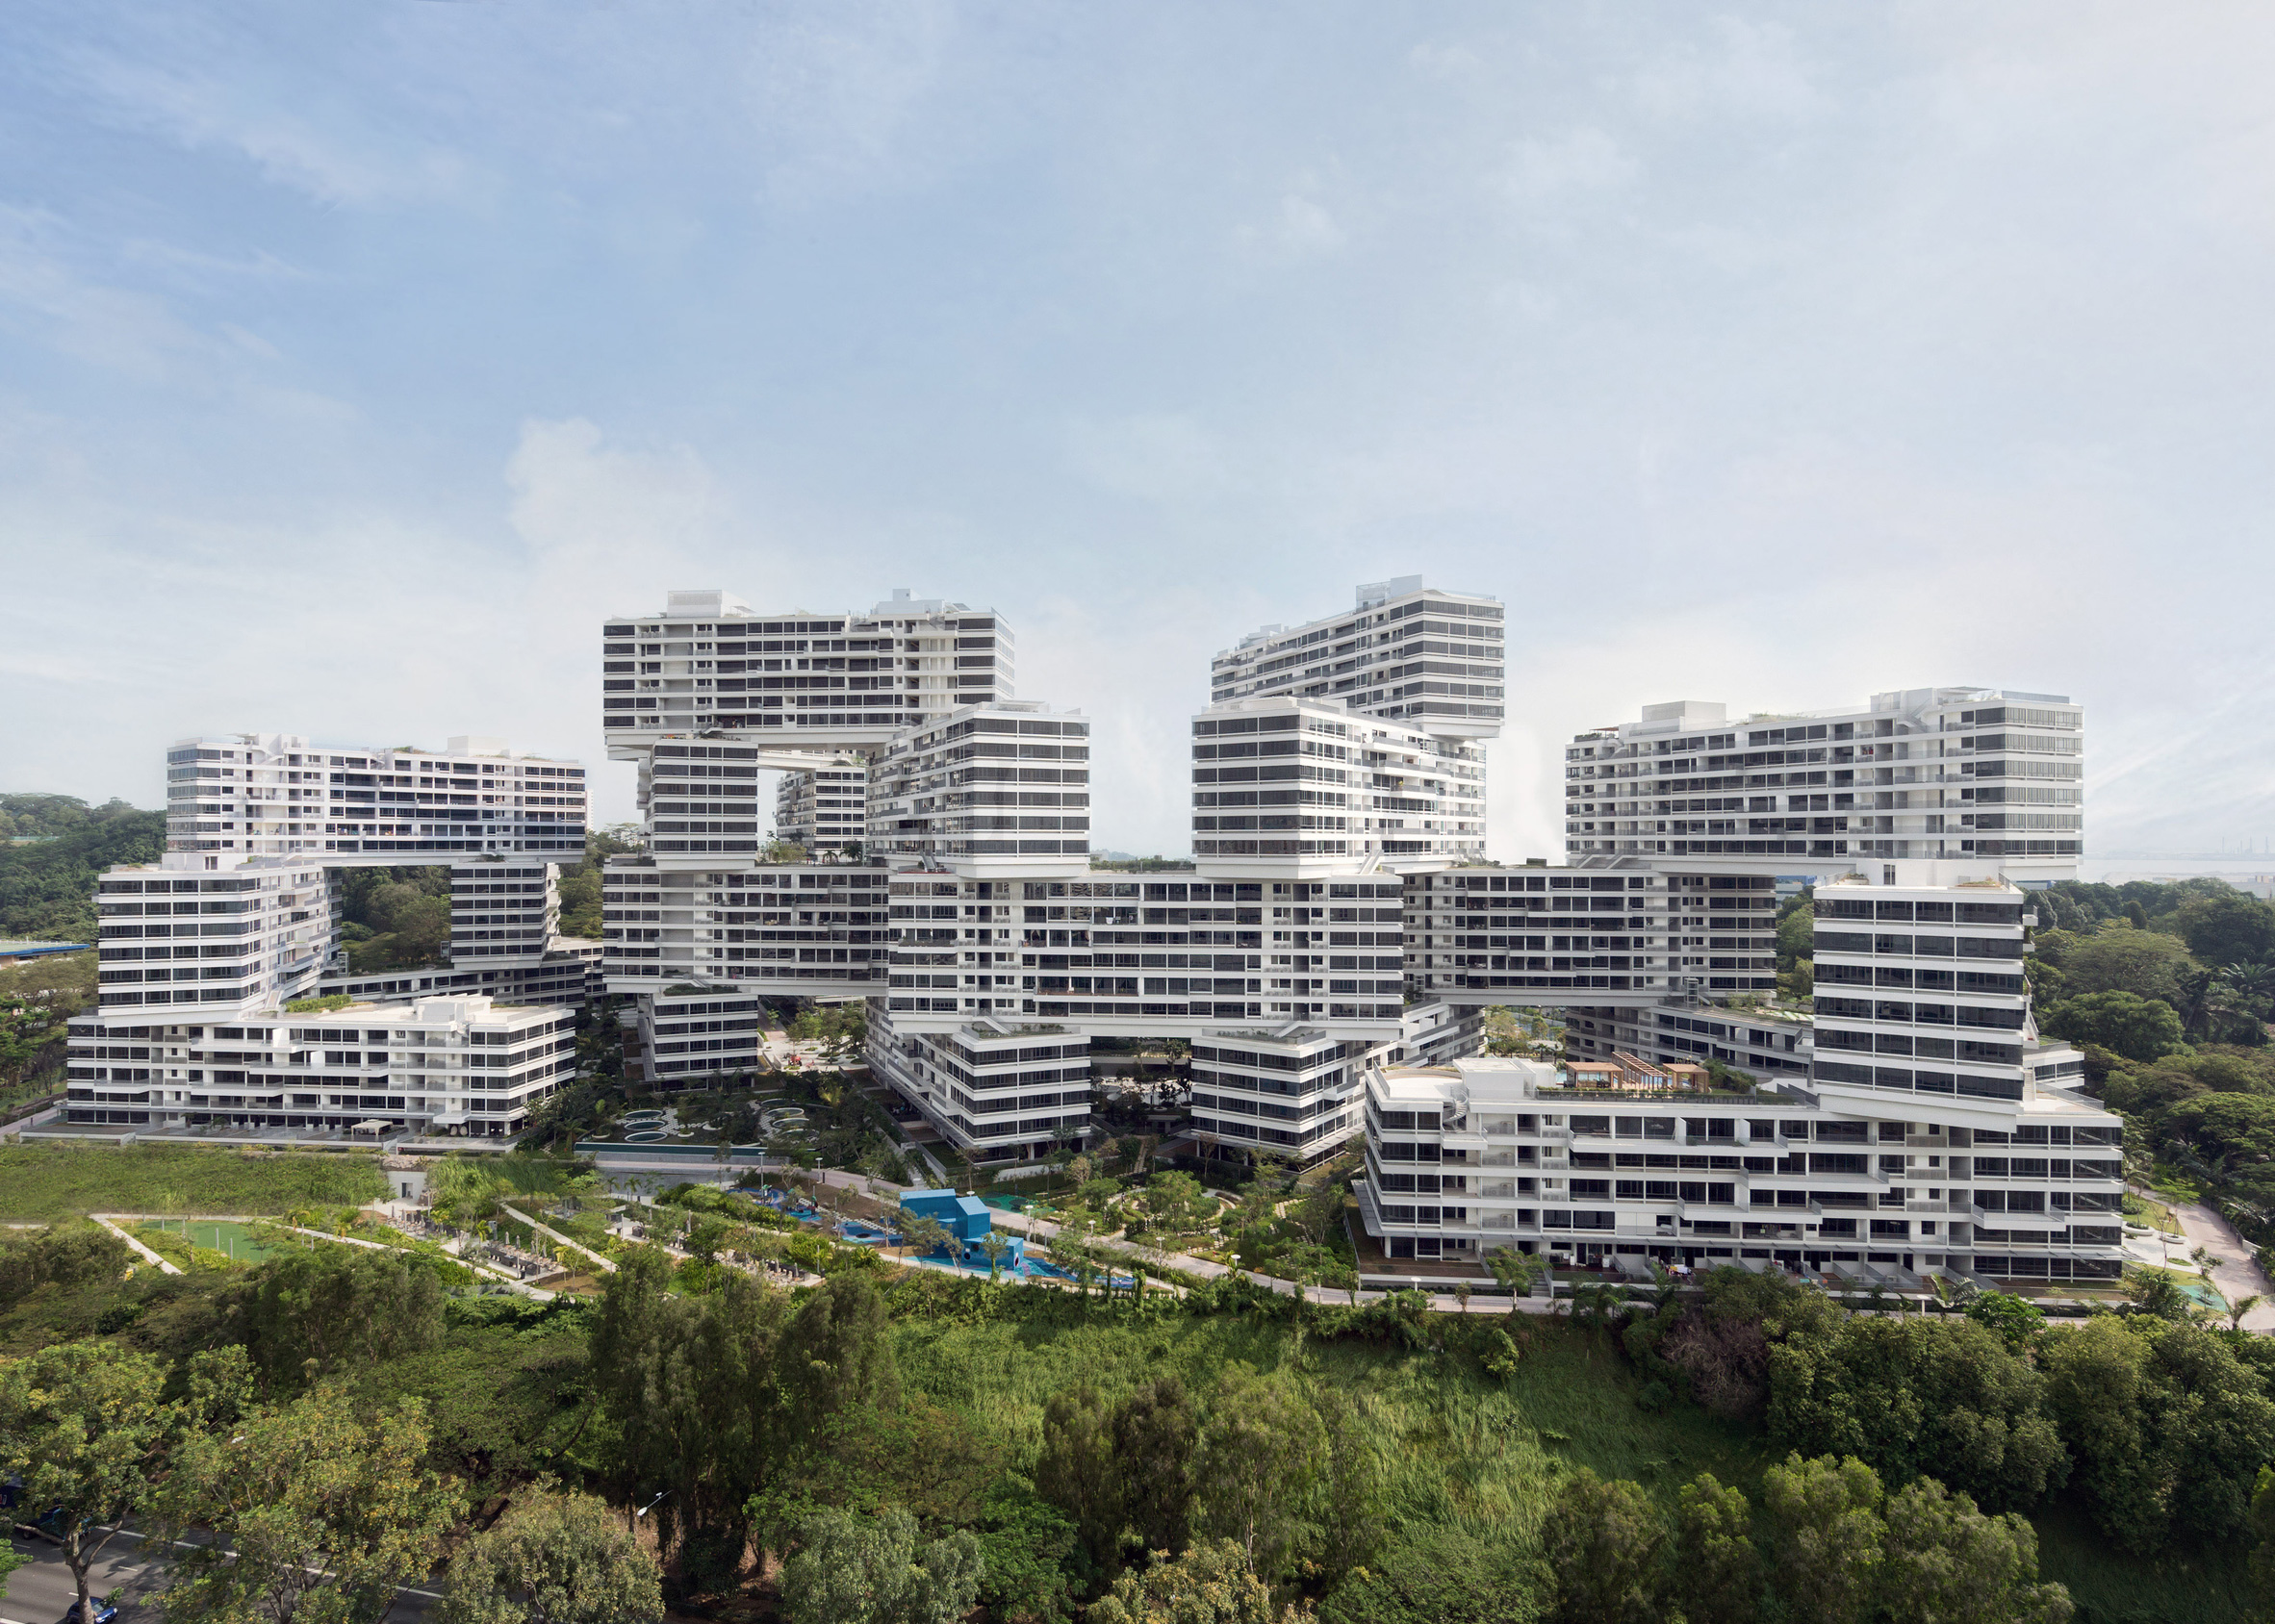 The Interlace by Buro Ole Scheeren, Singapore